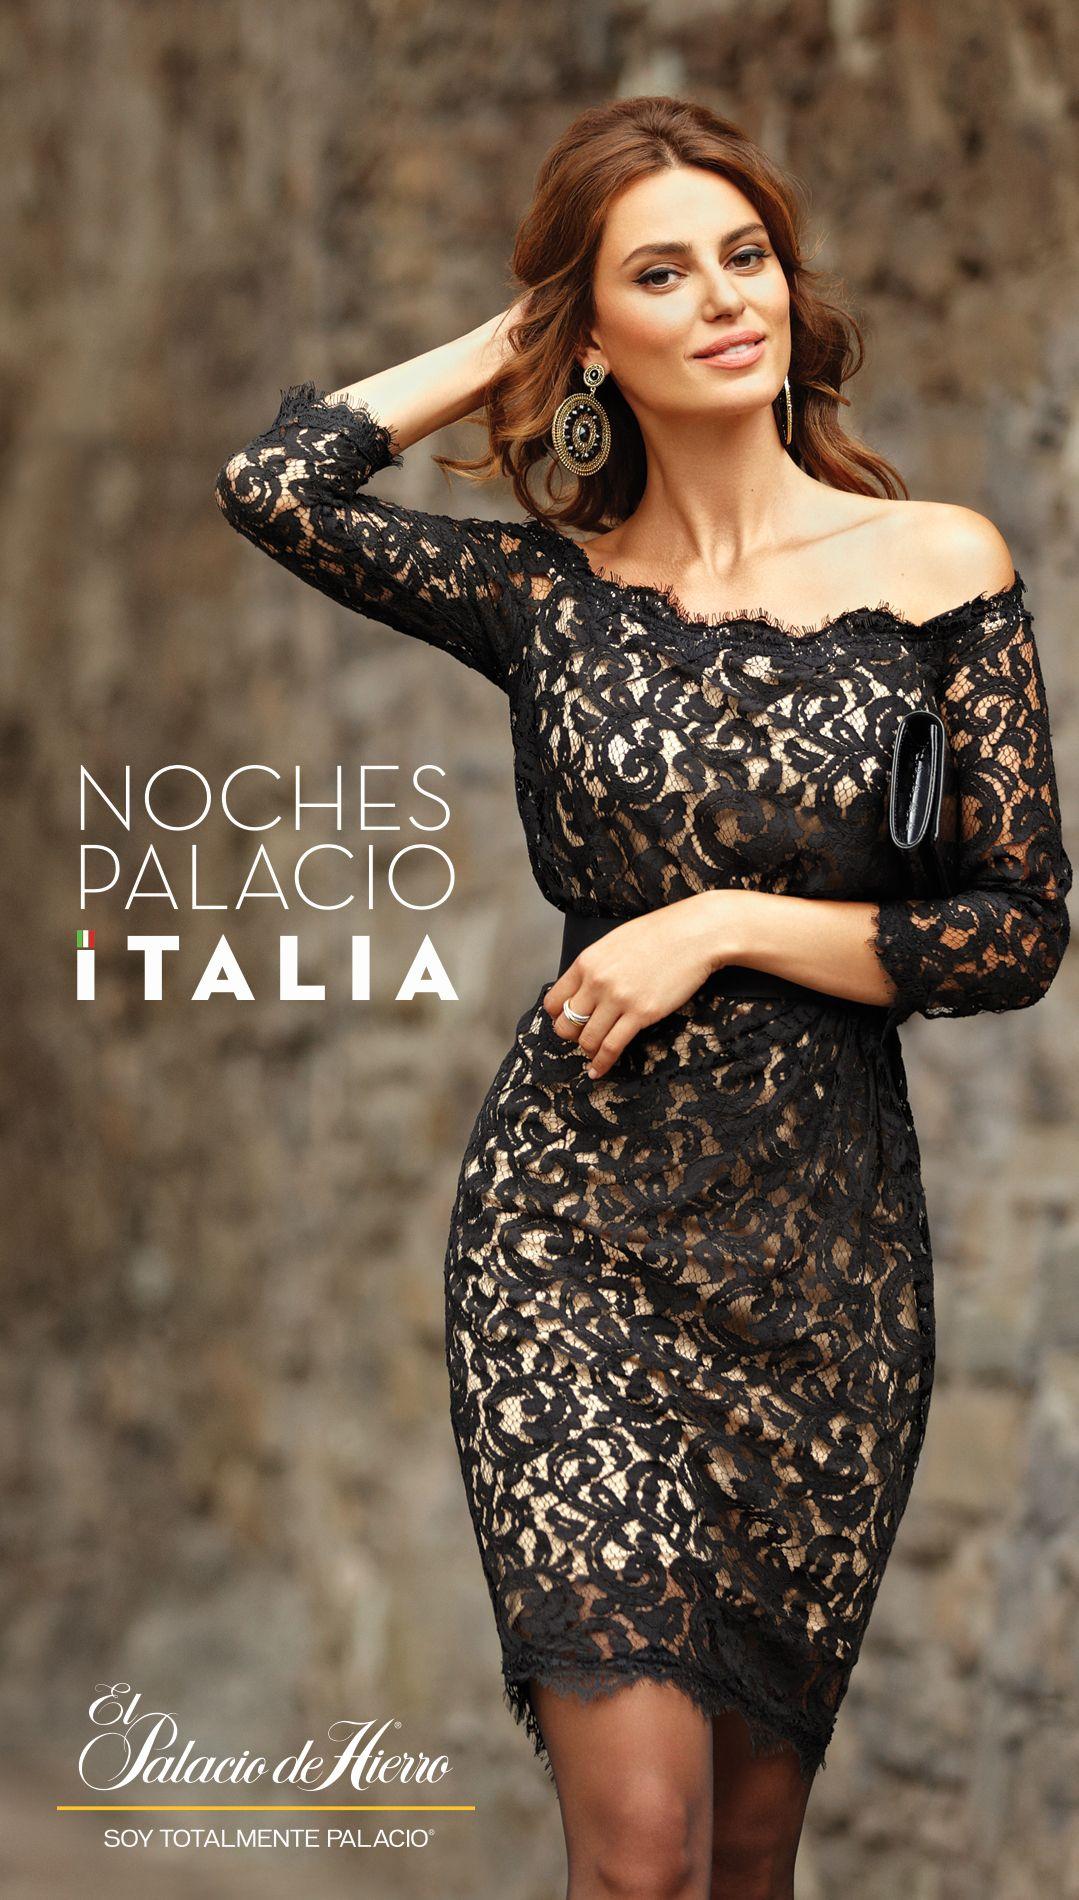 e2deb24344 Noches Palacio al Estilo Italia - El Palacio de Hierro Vestidos De Cena De  Ensayo